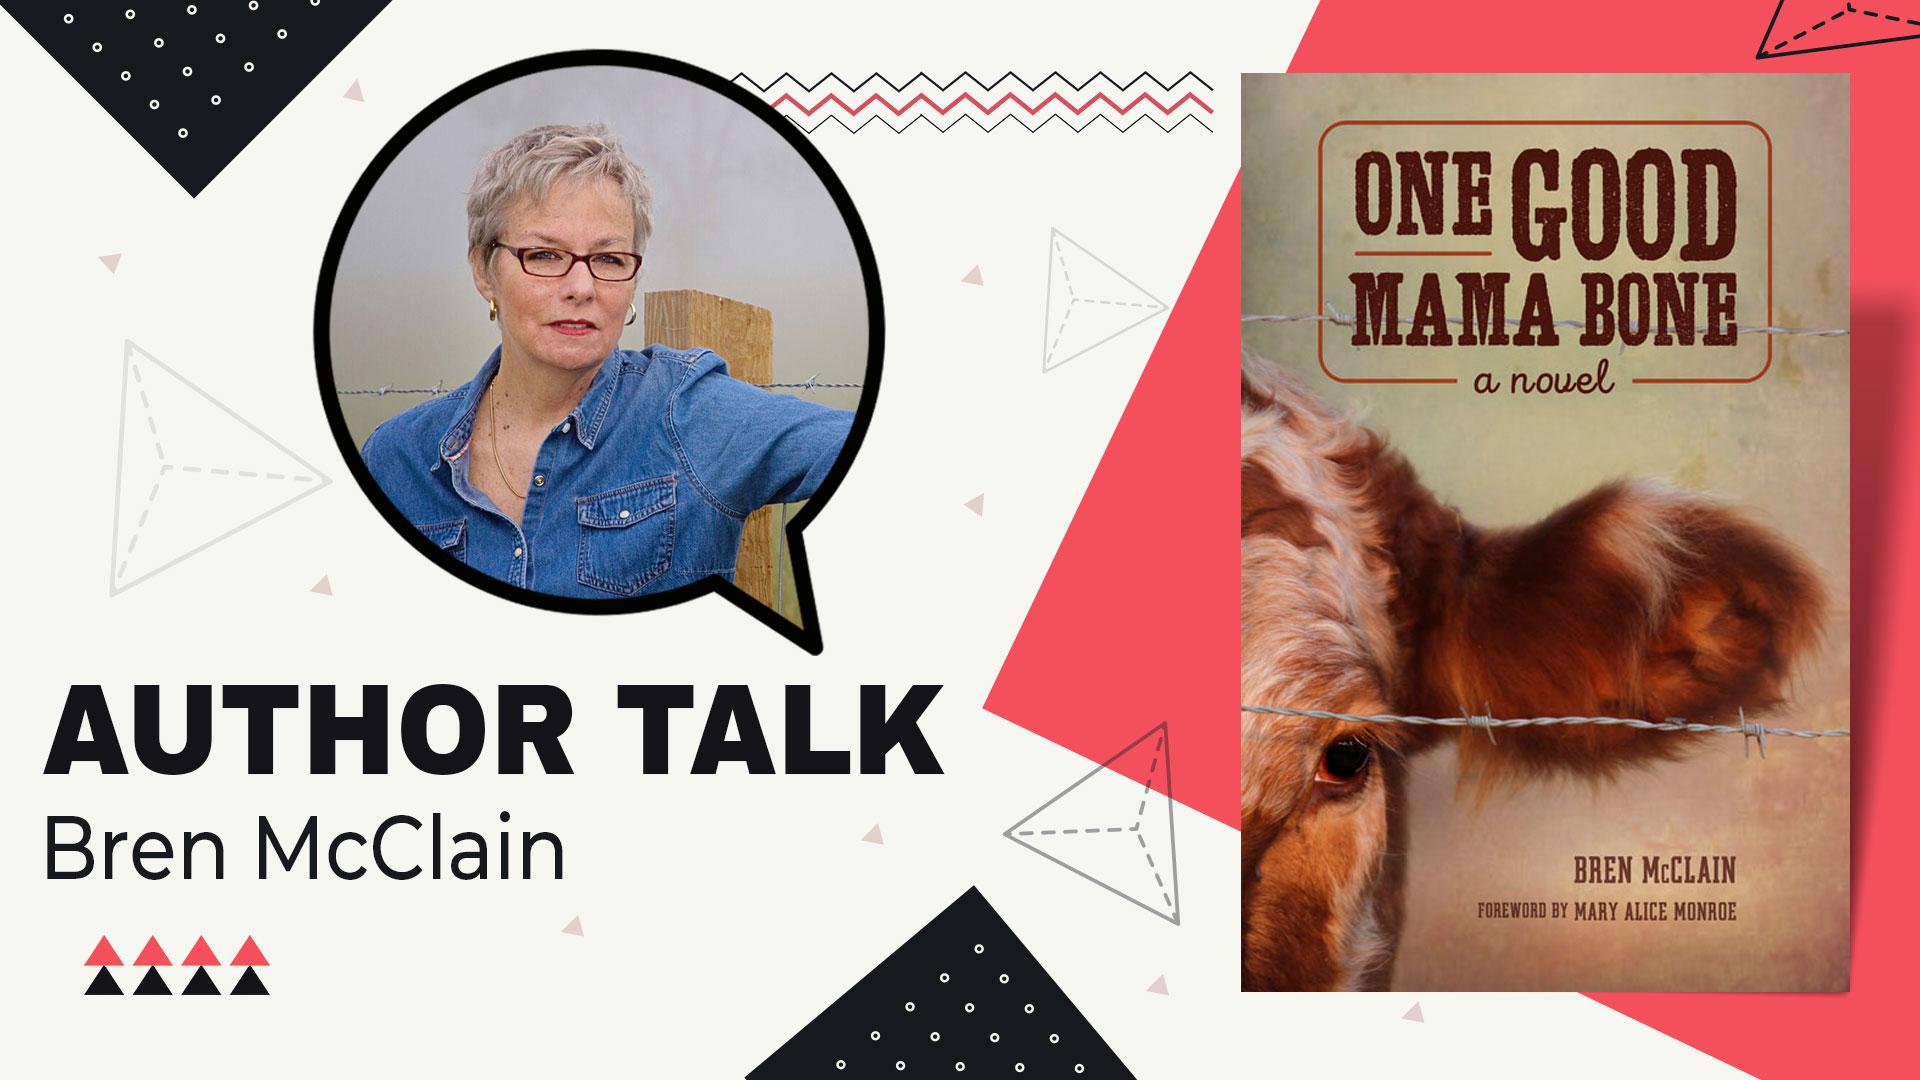 author talk Bren McClain